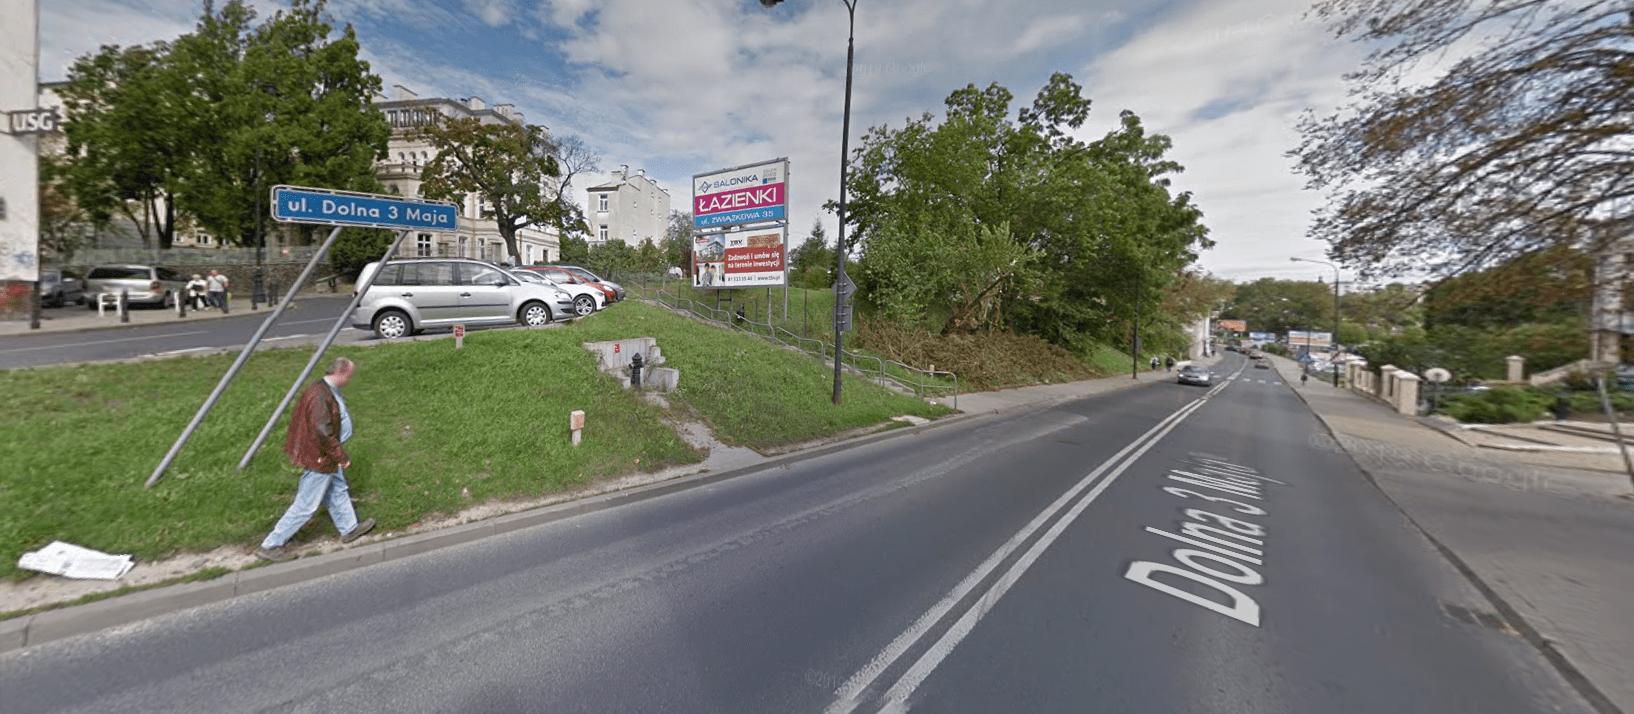 Lublin: Będą układać asfalt na ul. Dolnej 3 Maja. Zmieni się organizacja ruchu - Zdjęcie główne